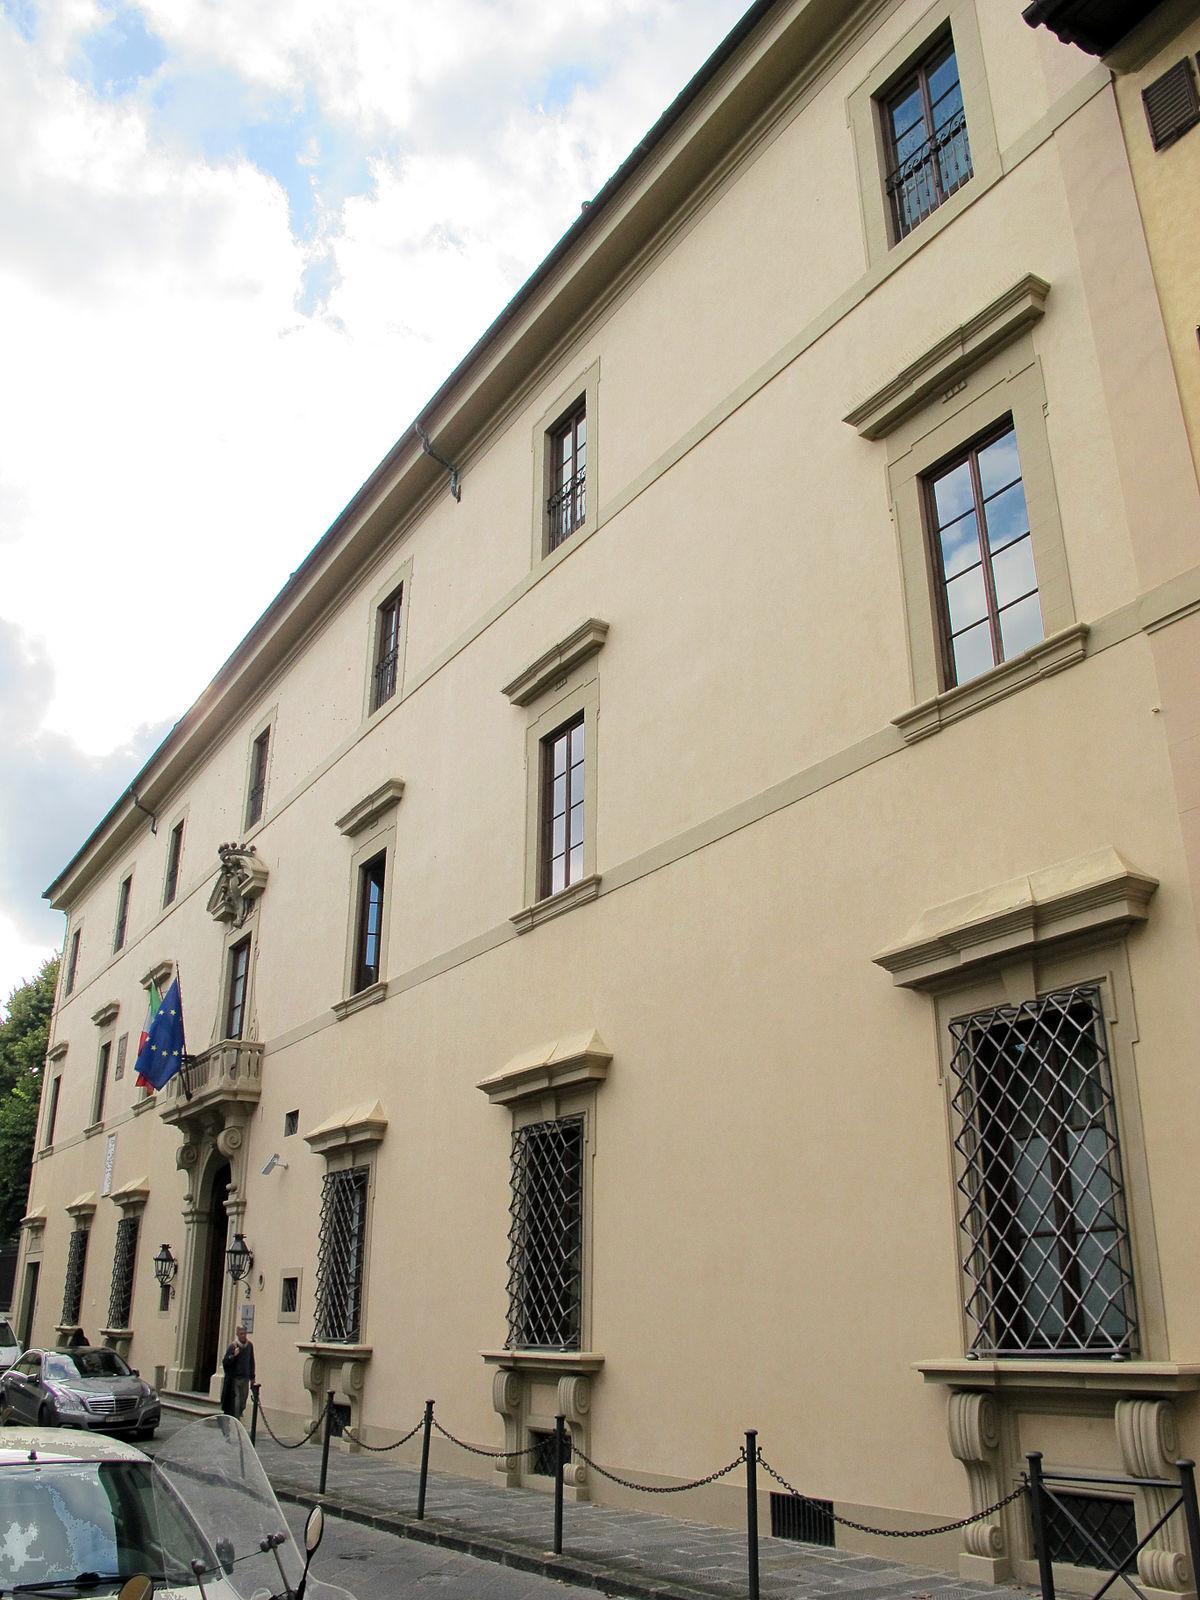 Palazzo della Gherardesca  Wikipedia